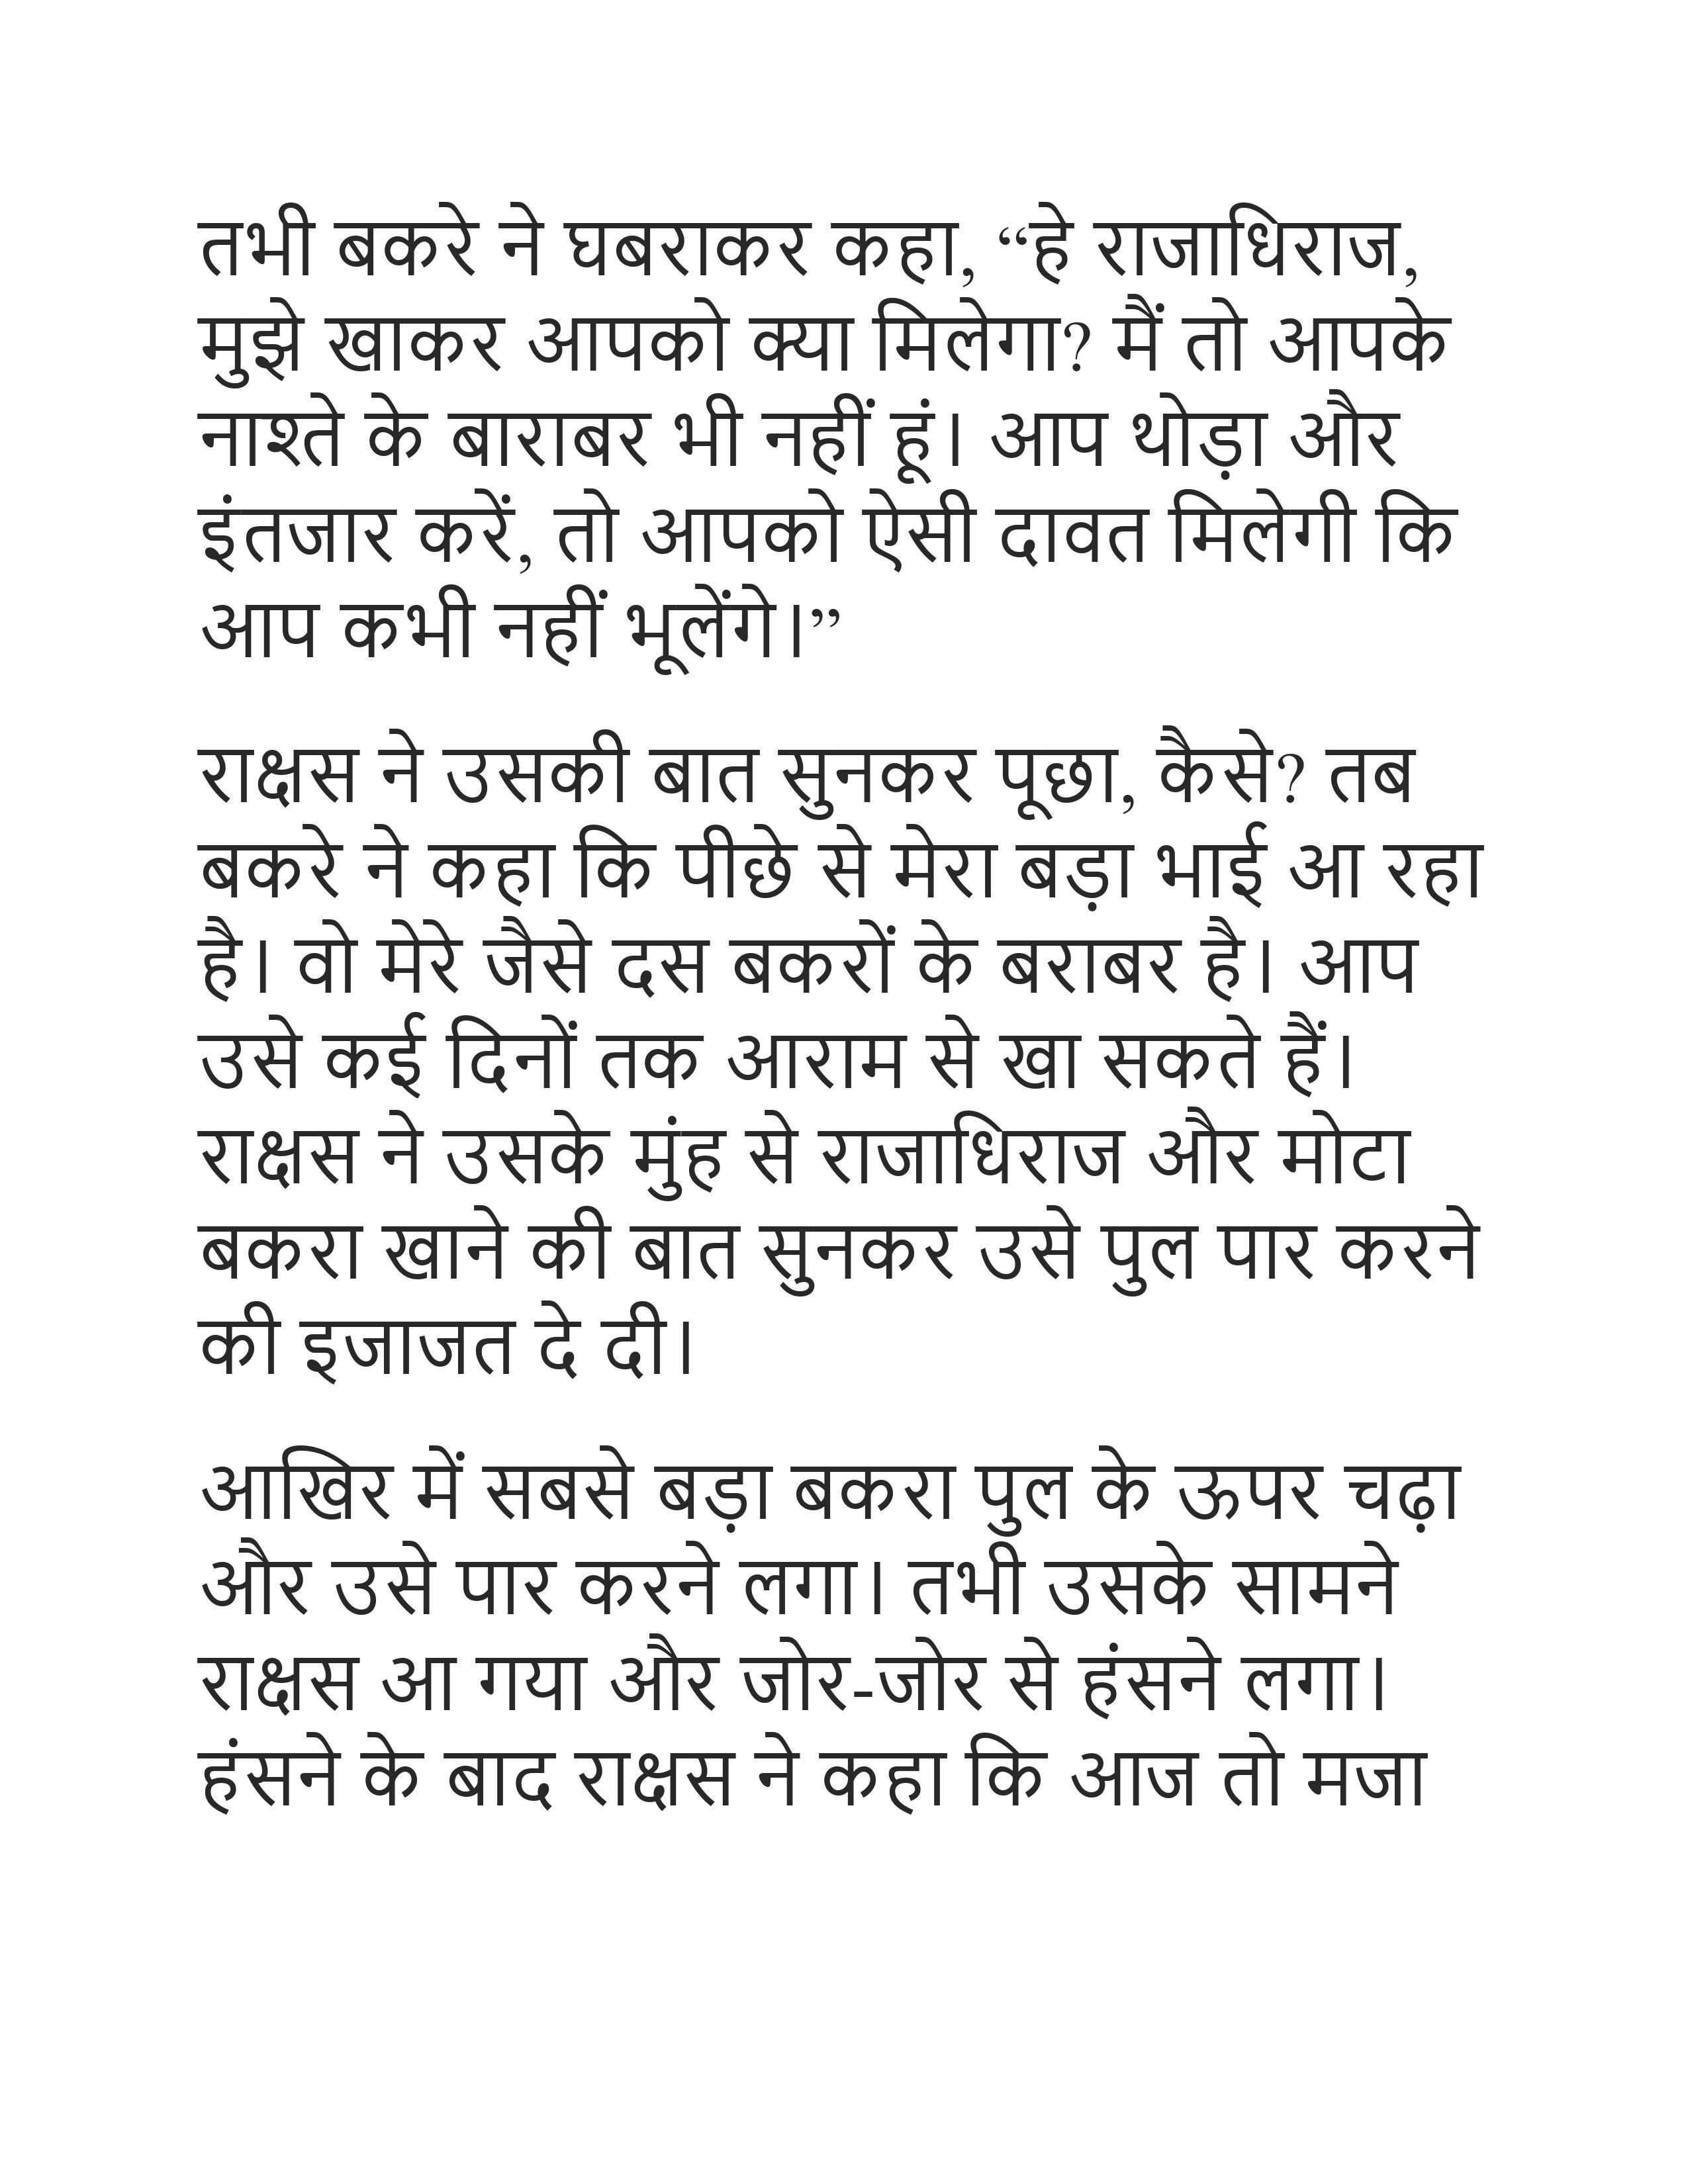 Fairy tales hindi pariyon ki kahaniya 13